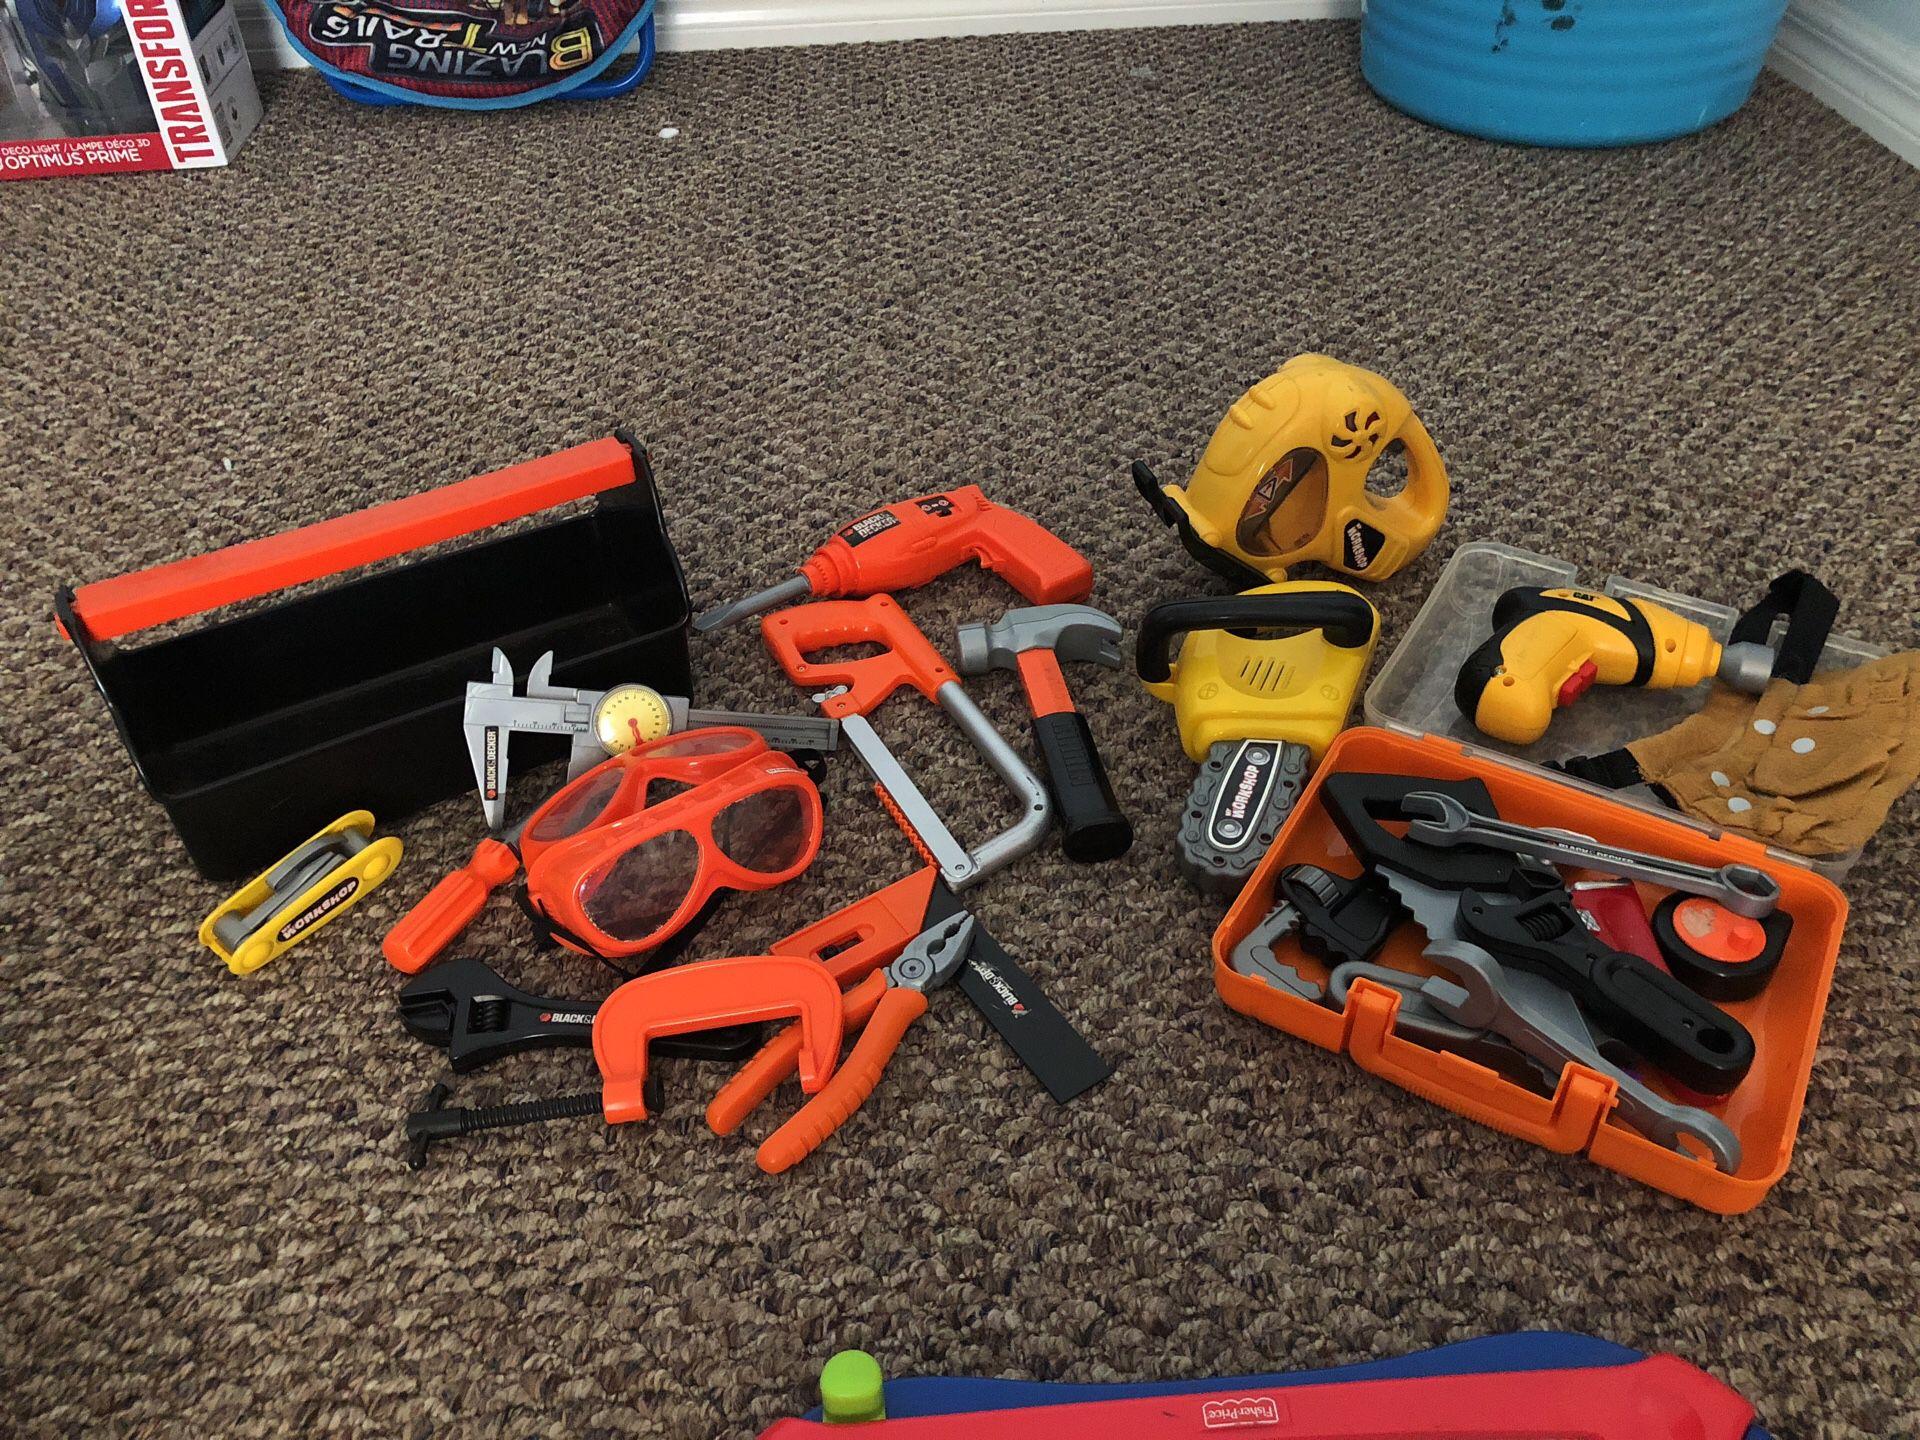 Kids tools set